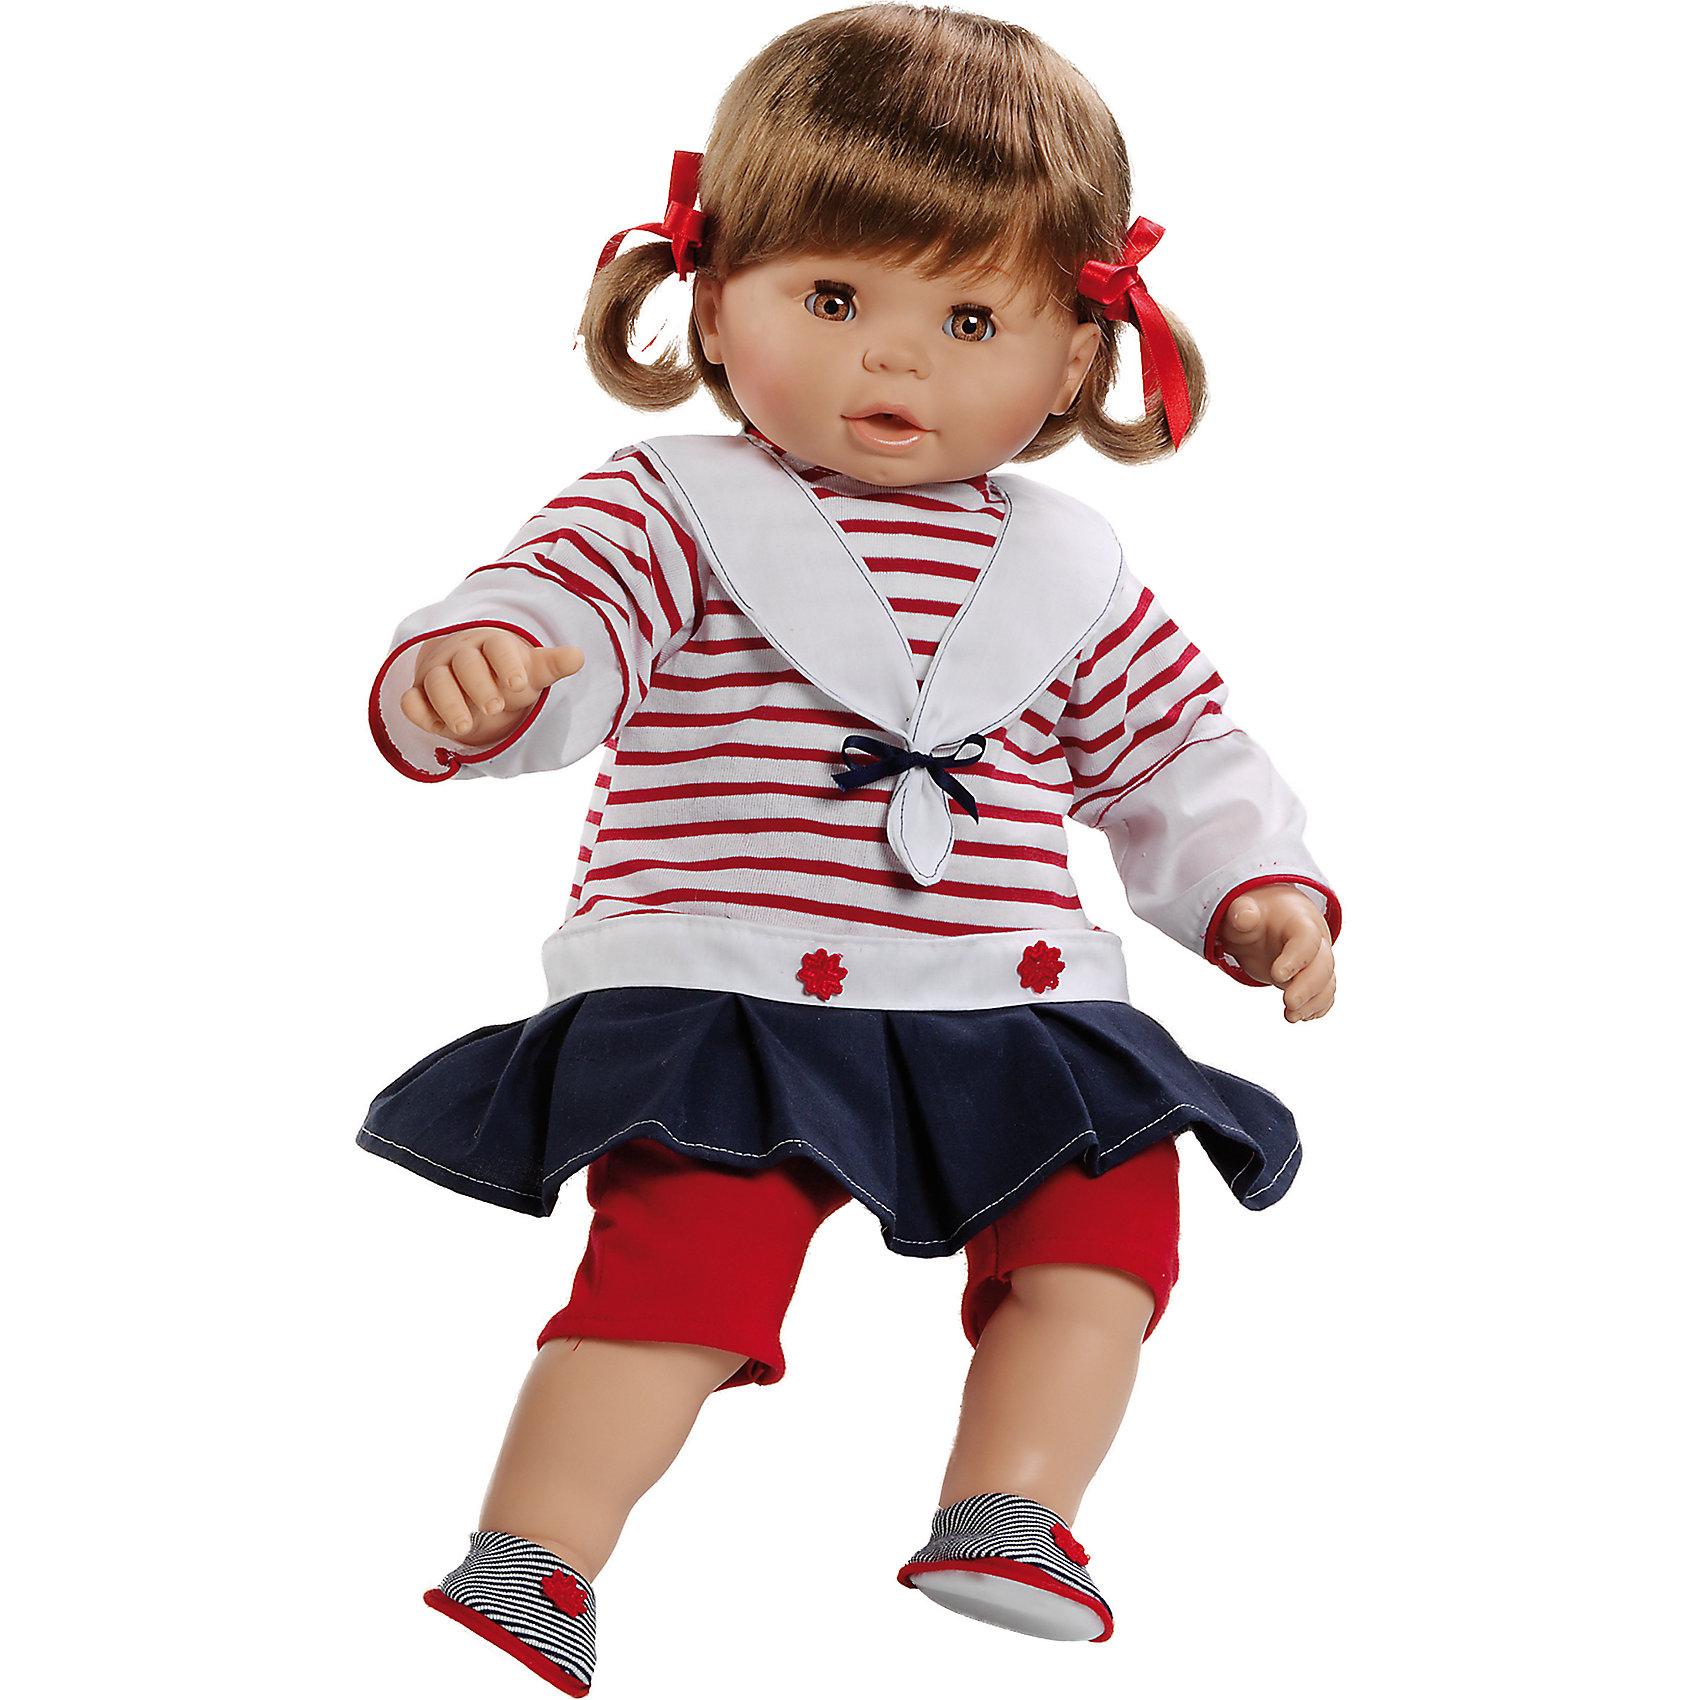 Paola Reina Кукла Лаура, 60 см, Paola Reina paola reina кукла кэрол 32 см paola reina